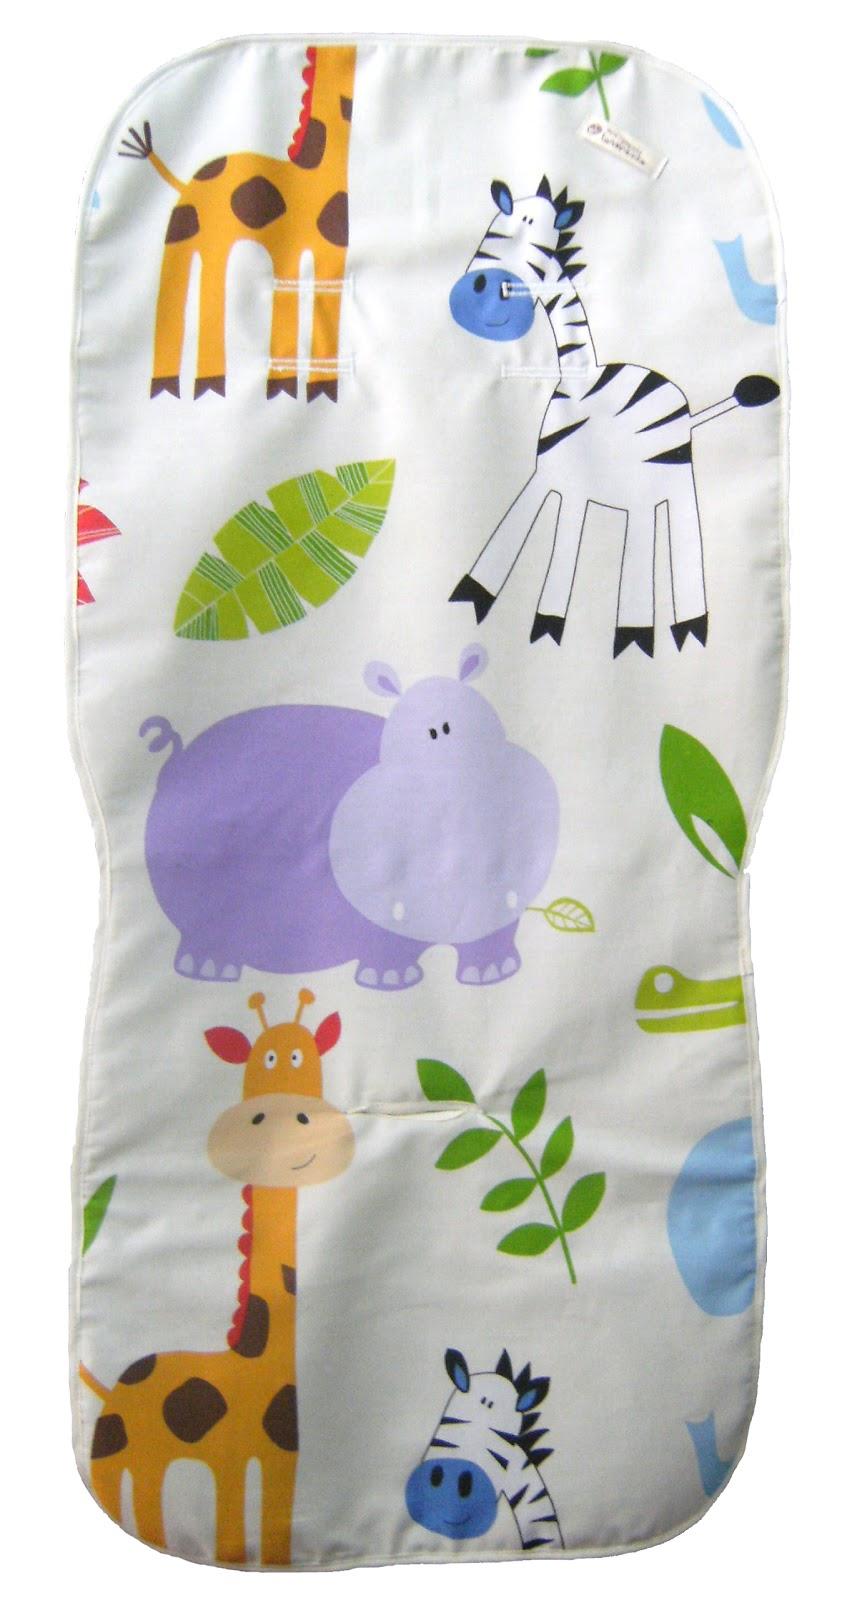 Babymandarina sacos y complementos originales para beb s colchonetas para silla de paseo maclaren - Colchonetas para sillas de paseo originales ...